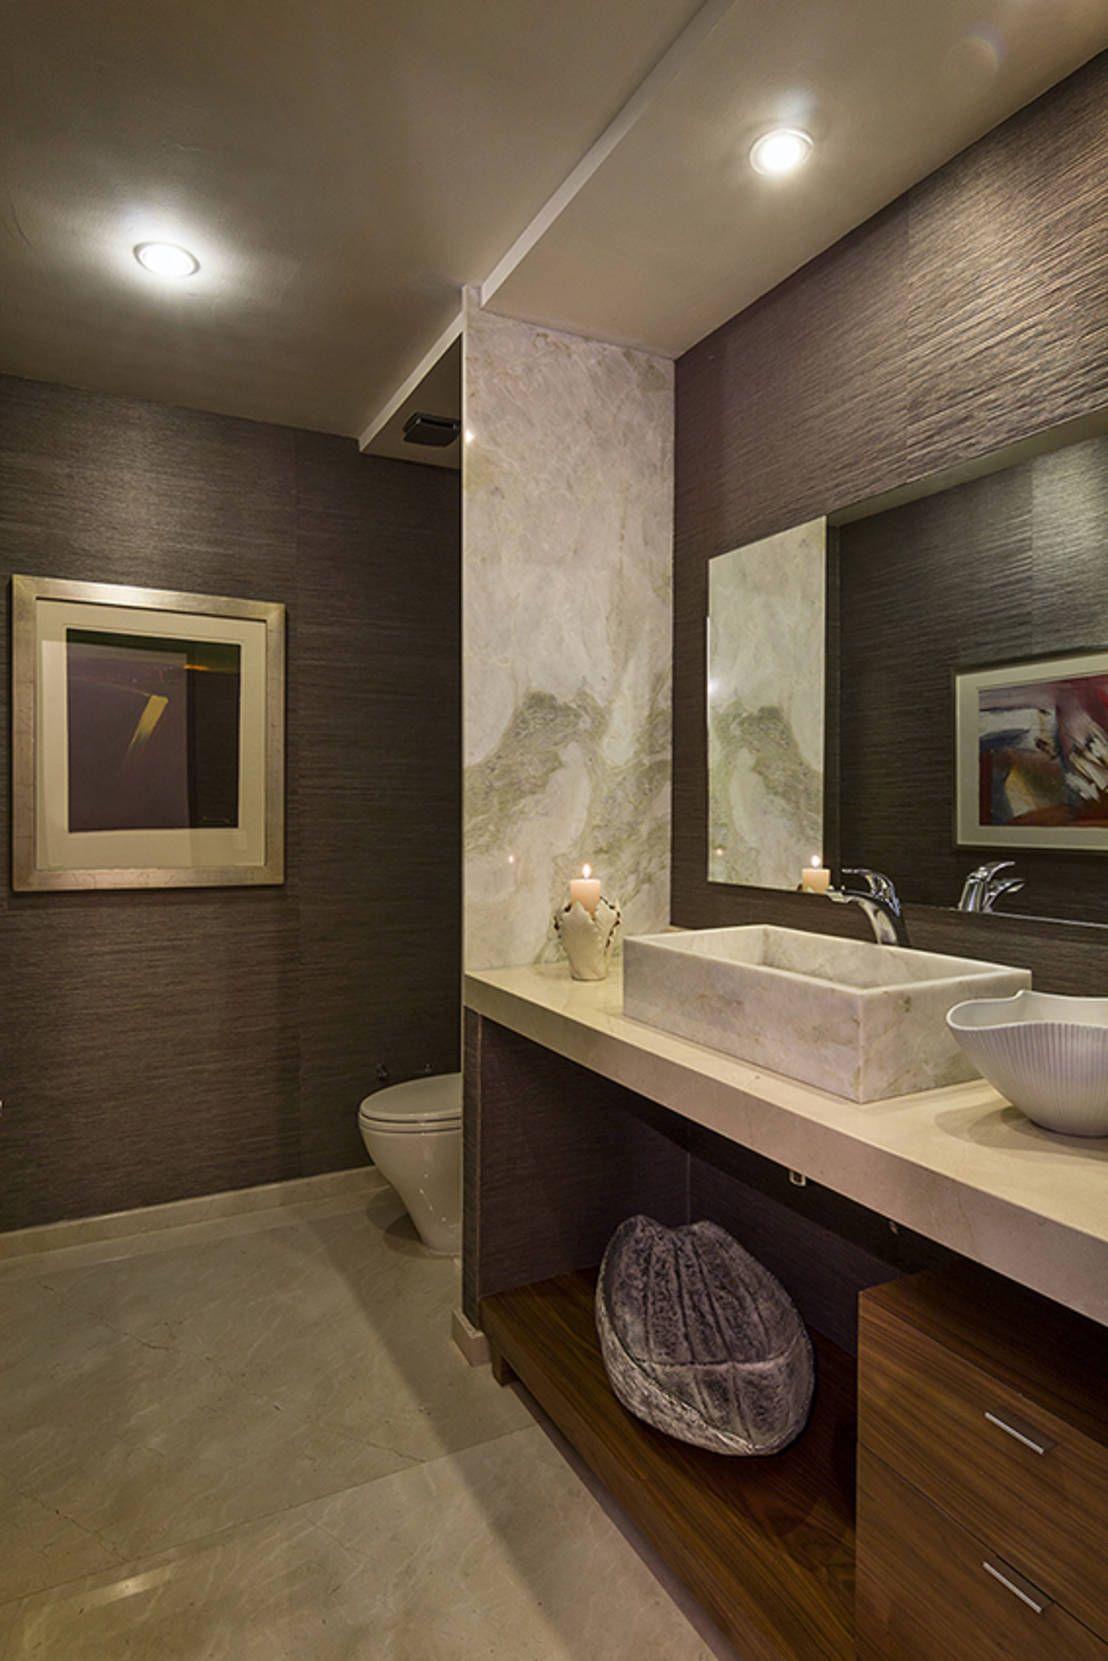 7 consejos para que tu casa est r e l u c i e n t e for Muebles para decoracion de banos